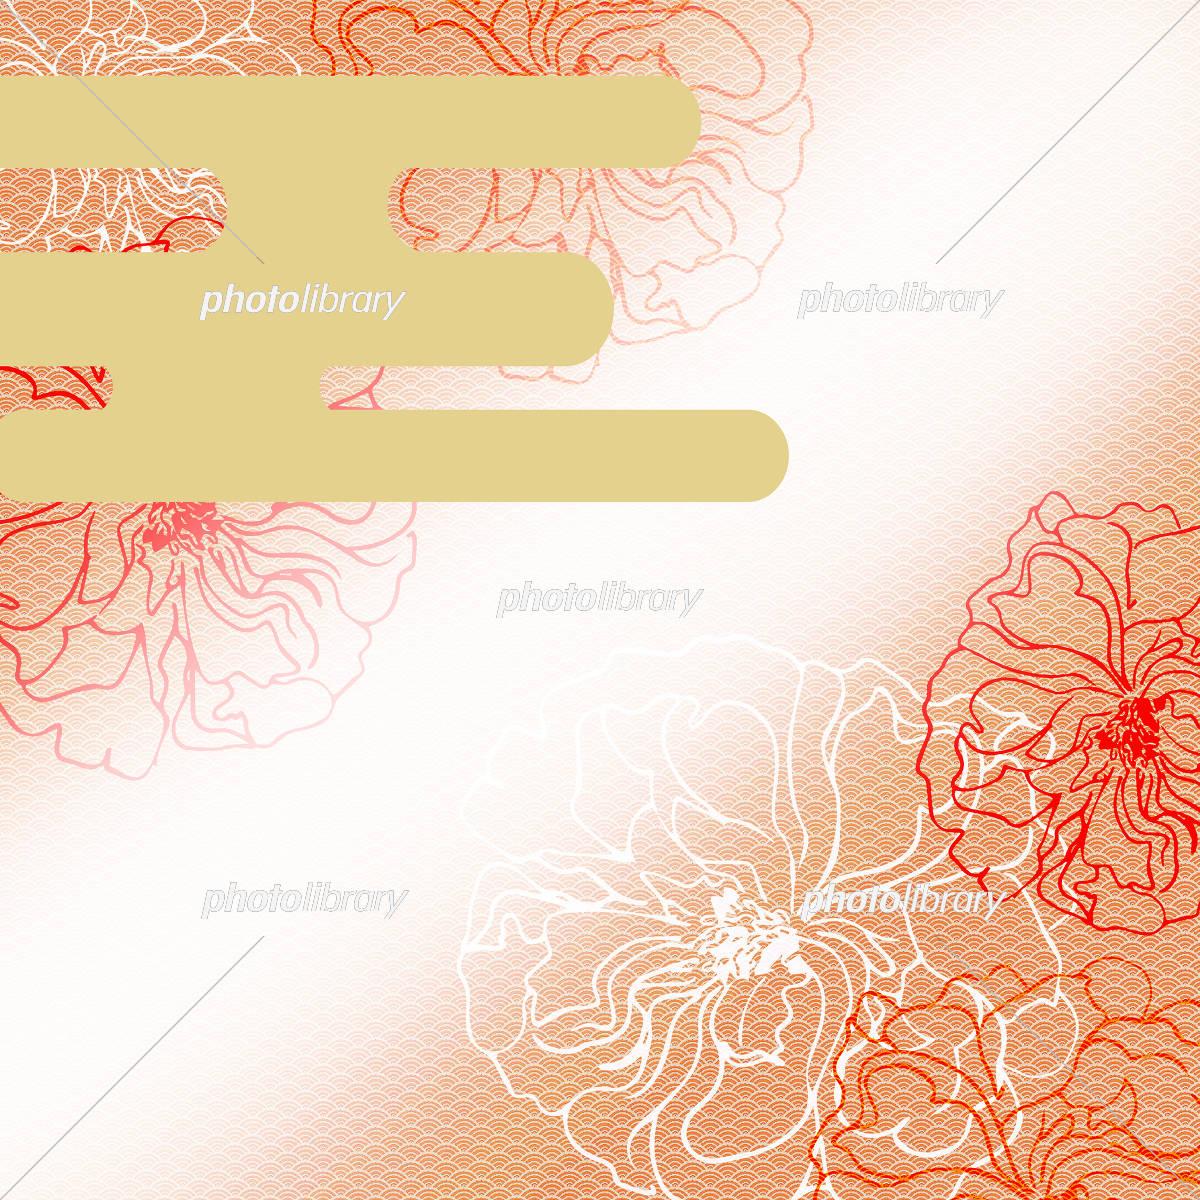 和柄 和風 和の背景 イラスト素材 [ 5330940 ] - フォトライブラリー